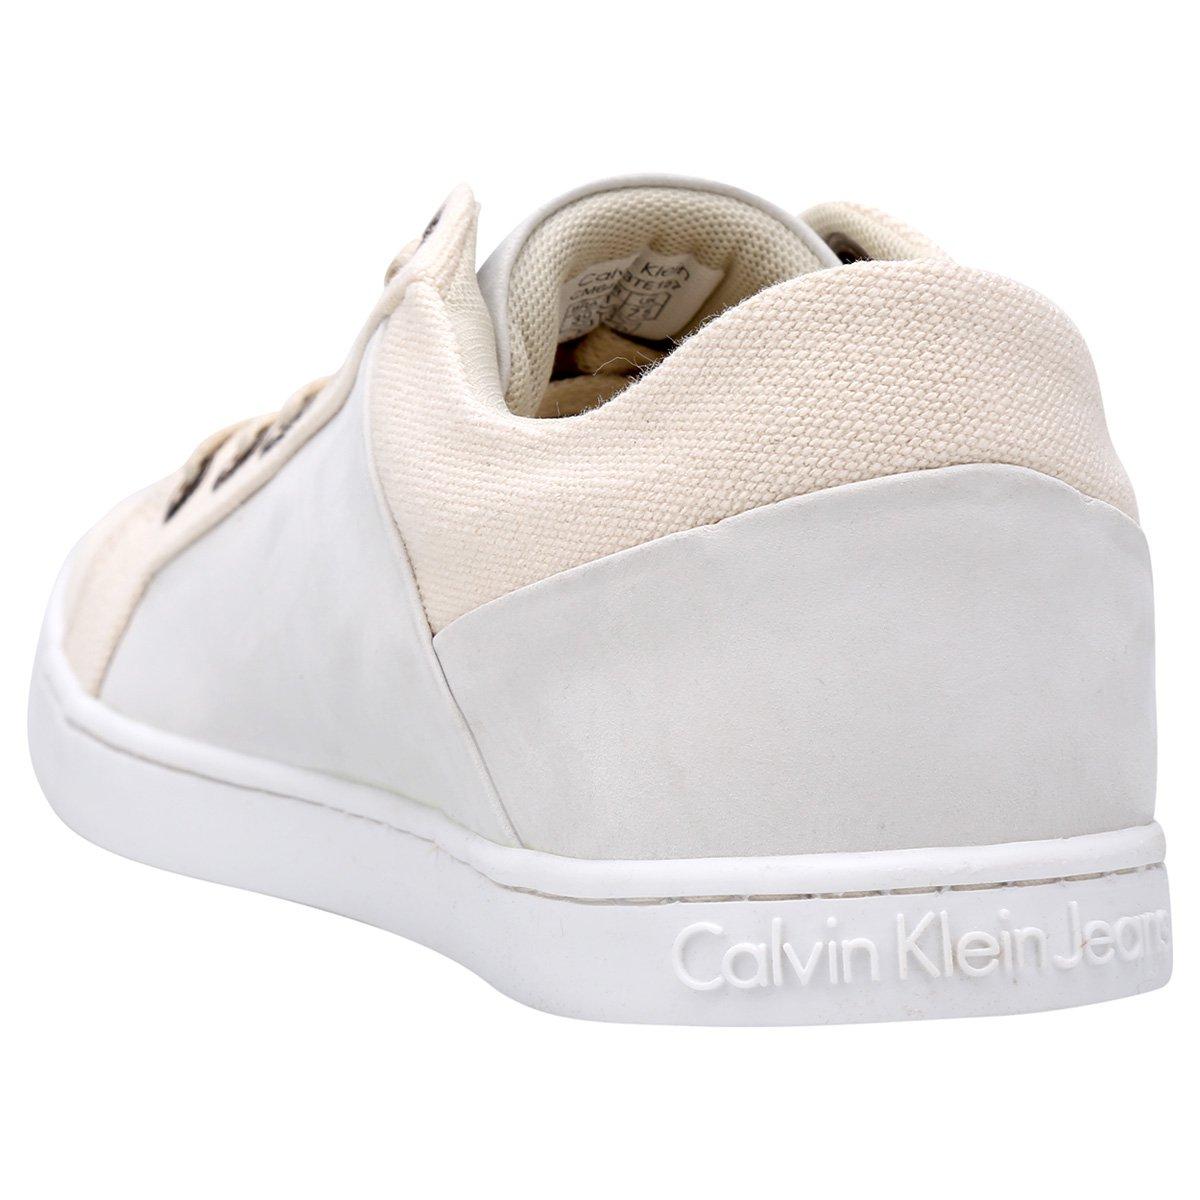 Sapatênis Klein Branco Masculino Basic Areia Calvin Basic Sapatênis Branco Masculino Klein Calvin e Aw1CqxO